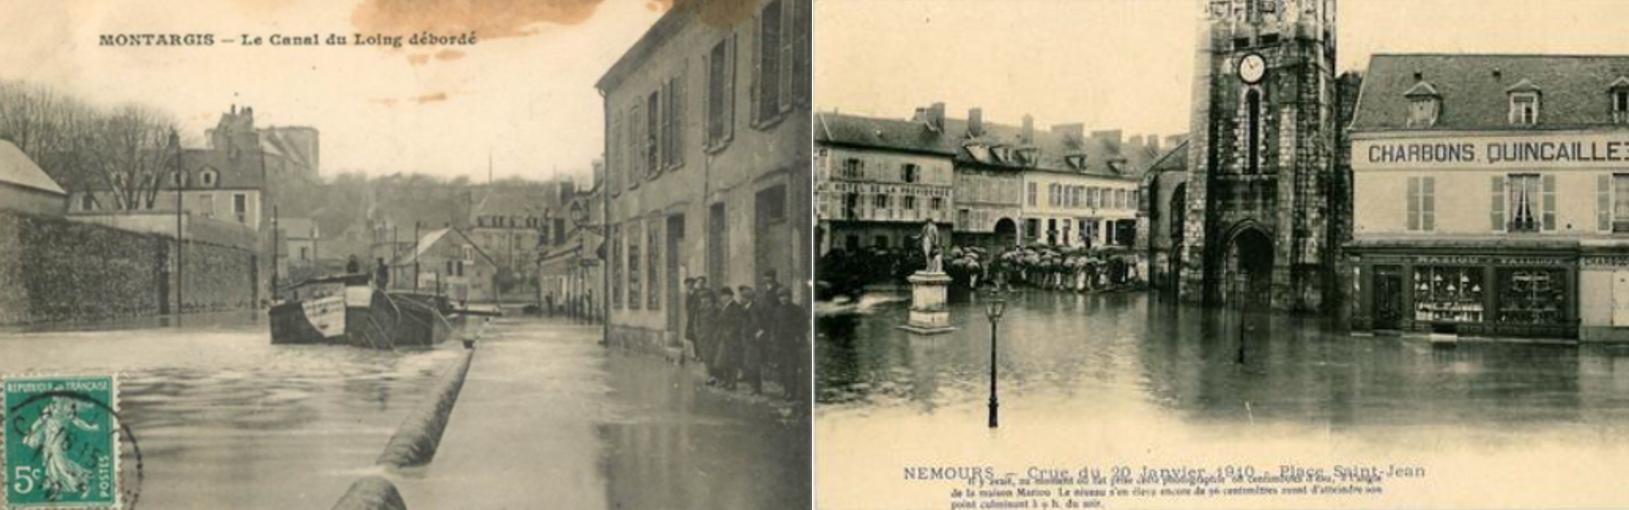 La crue du Loing de janvier 1910 à Montargis et Nemours.png